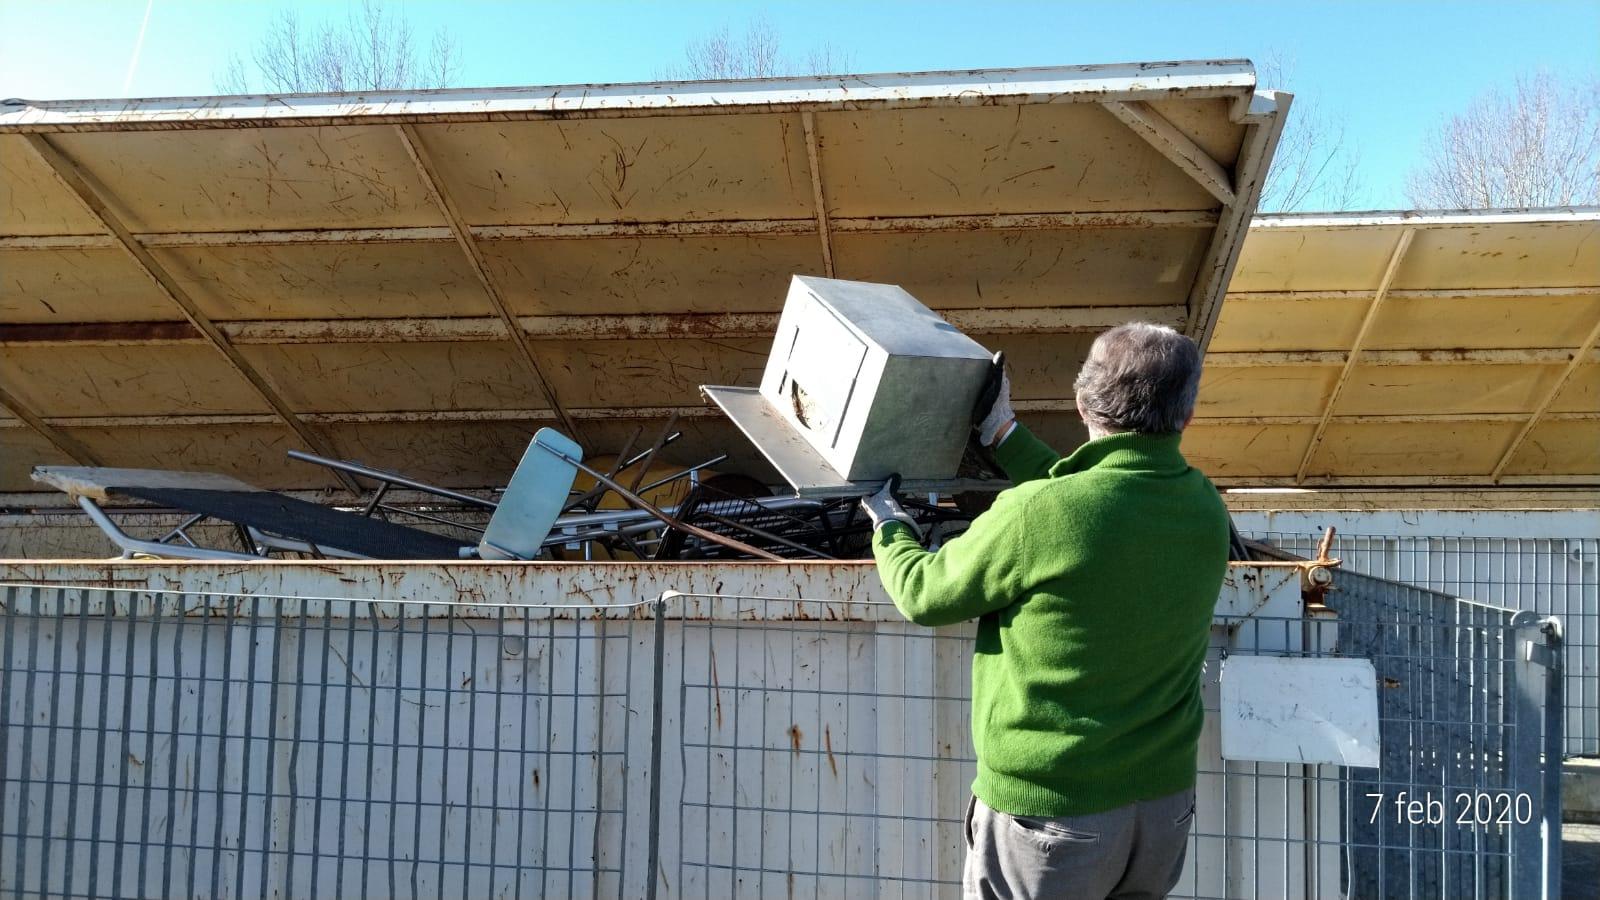 Centro raccolta rifiuti, accessi raddoppiati con l'estensione dell'orario di apertura